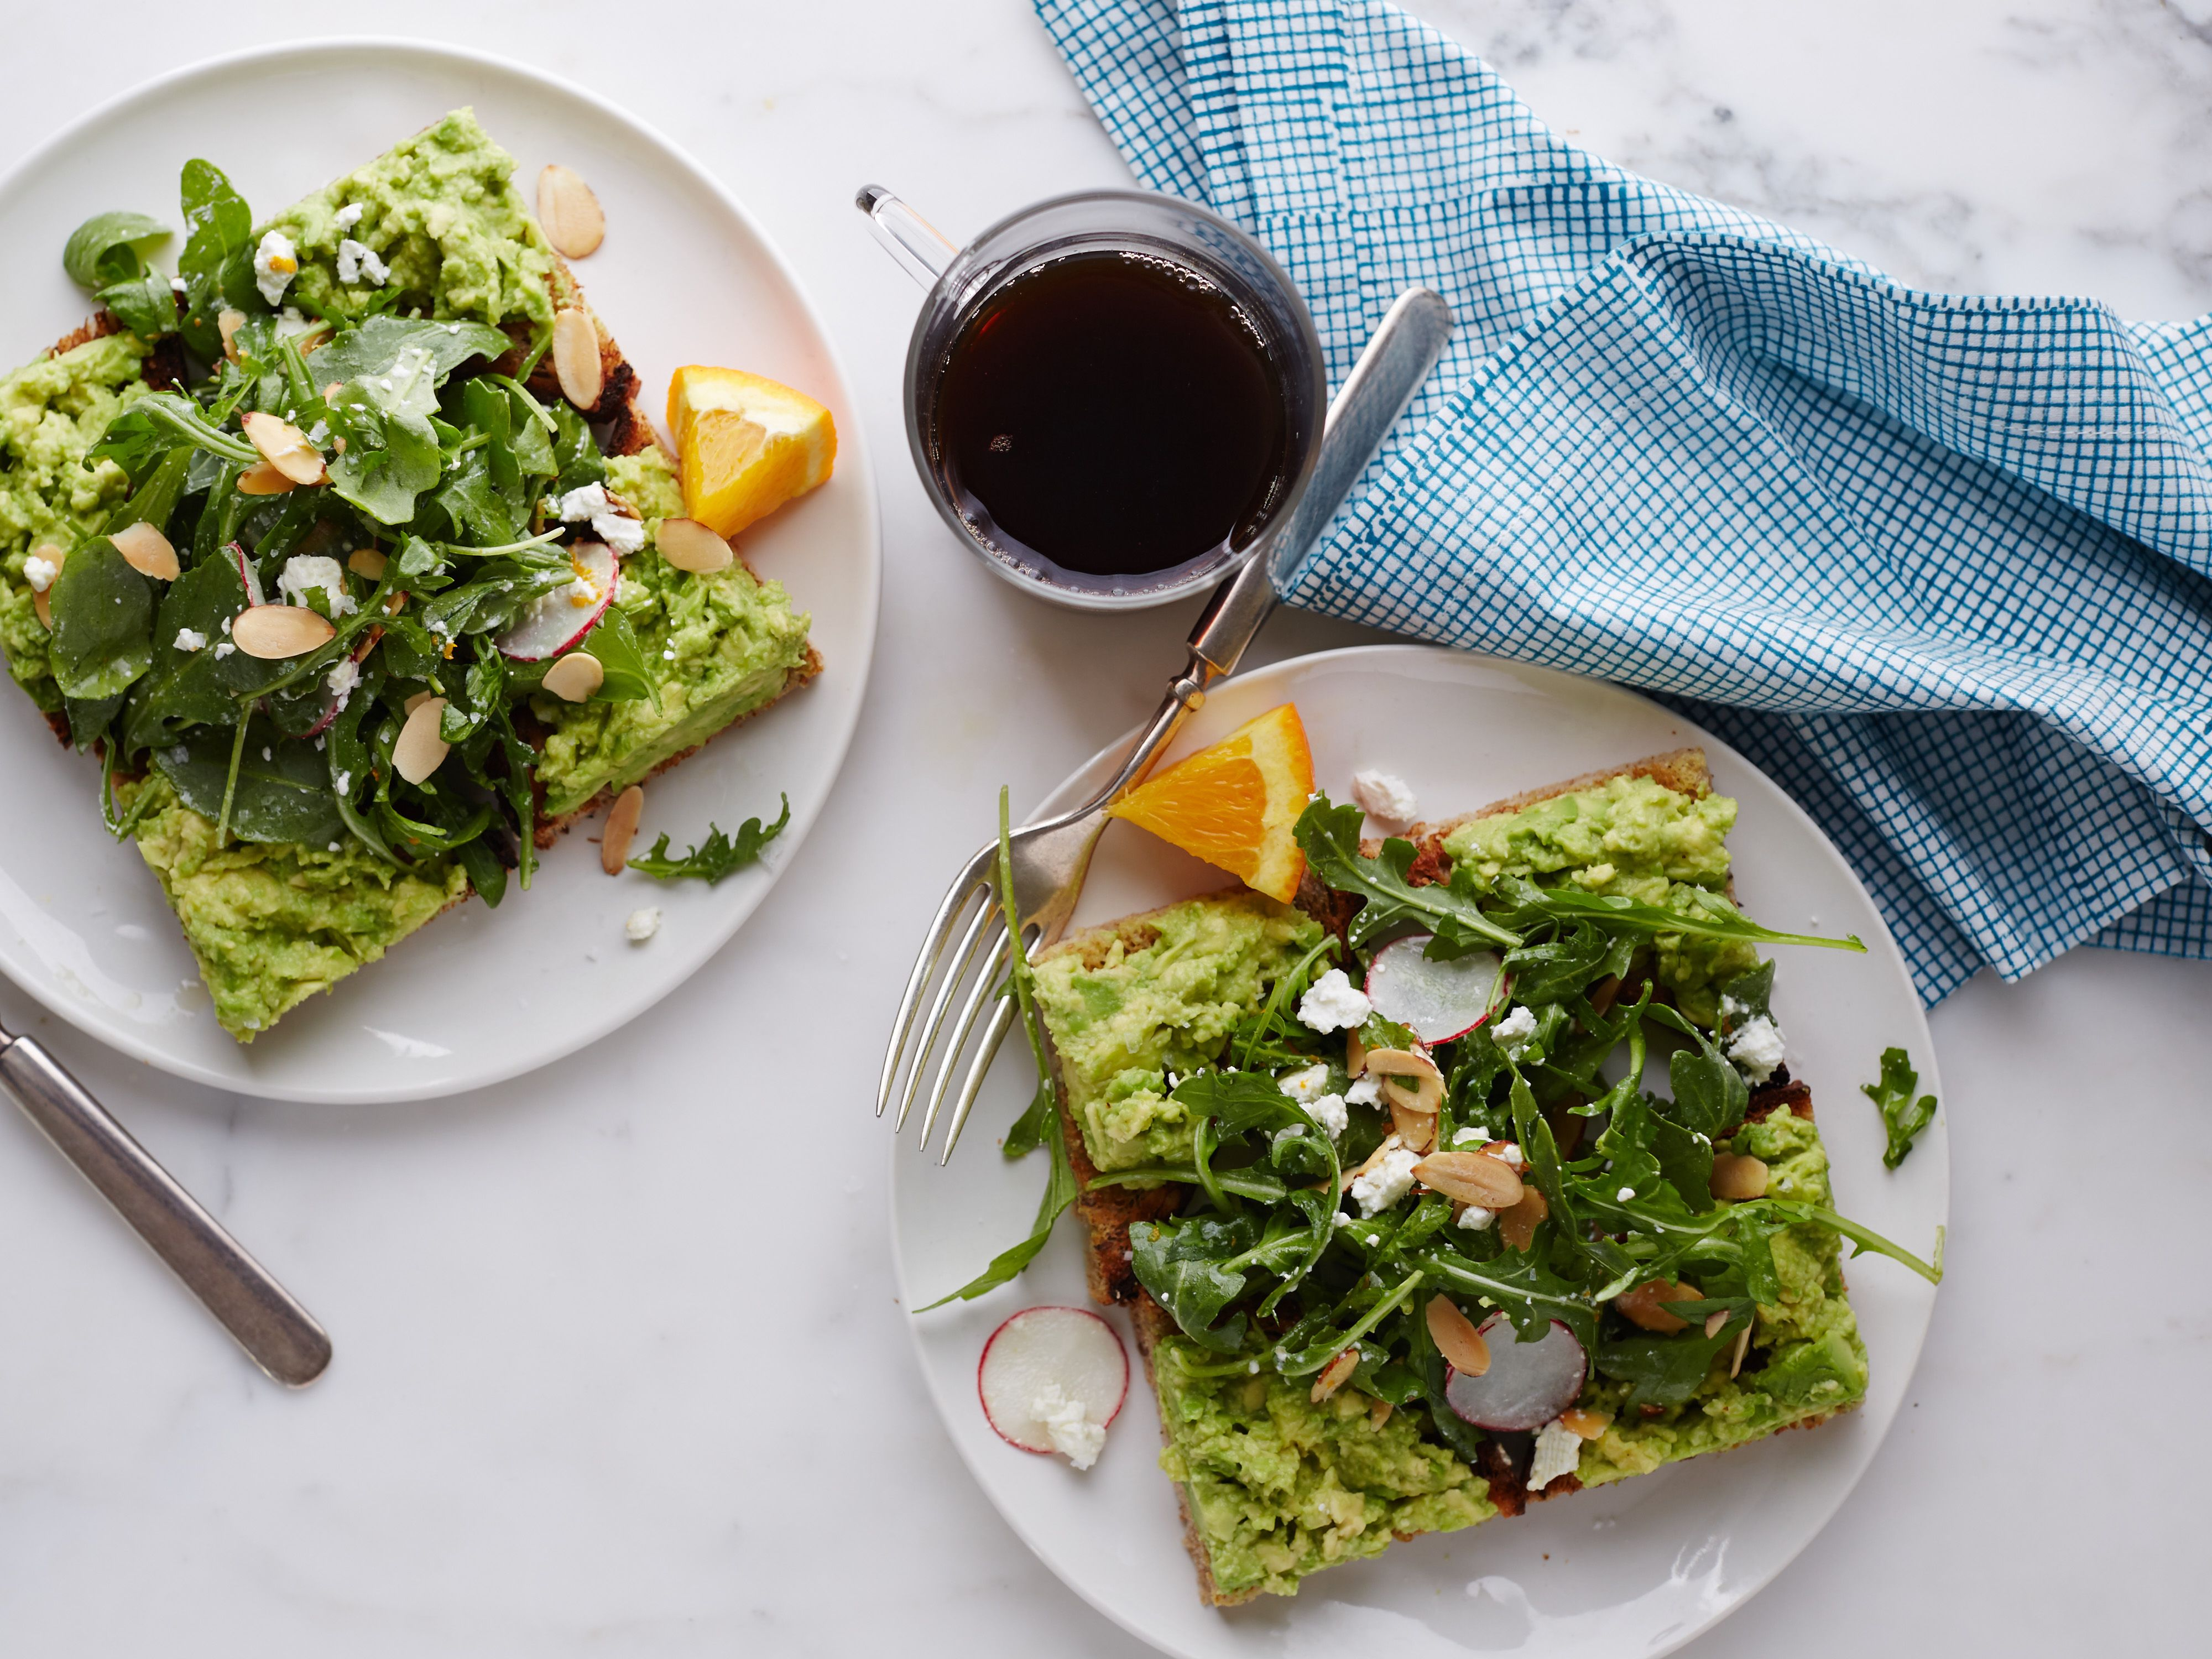 это свою салат на завтрак рецепт с фото пересмотрел, понял как